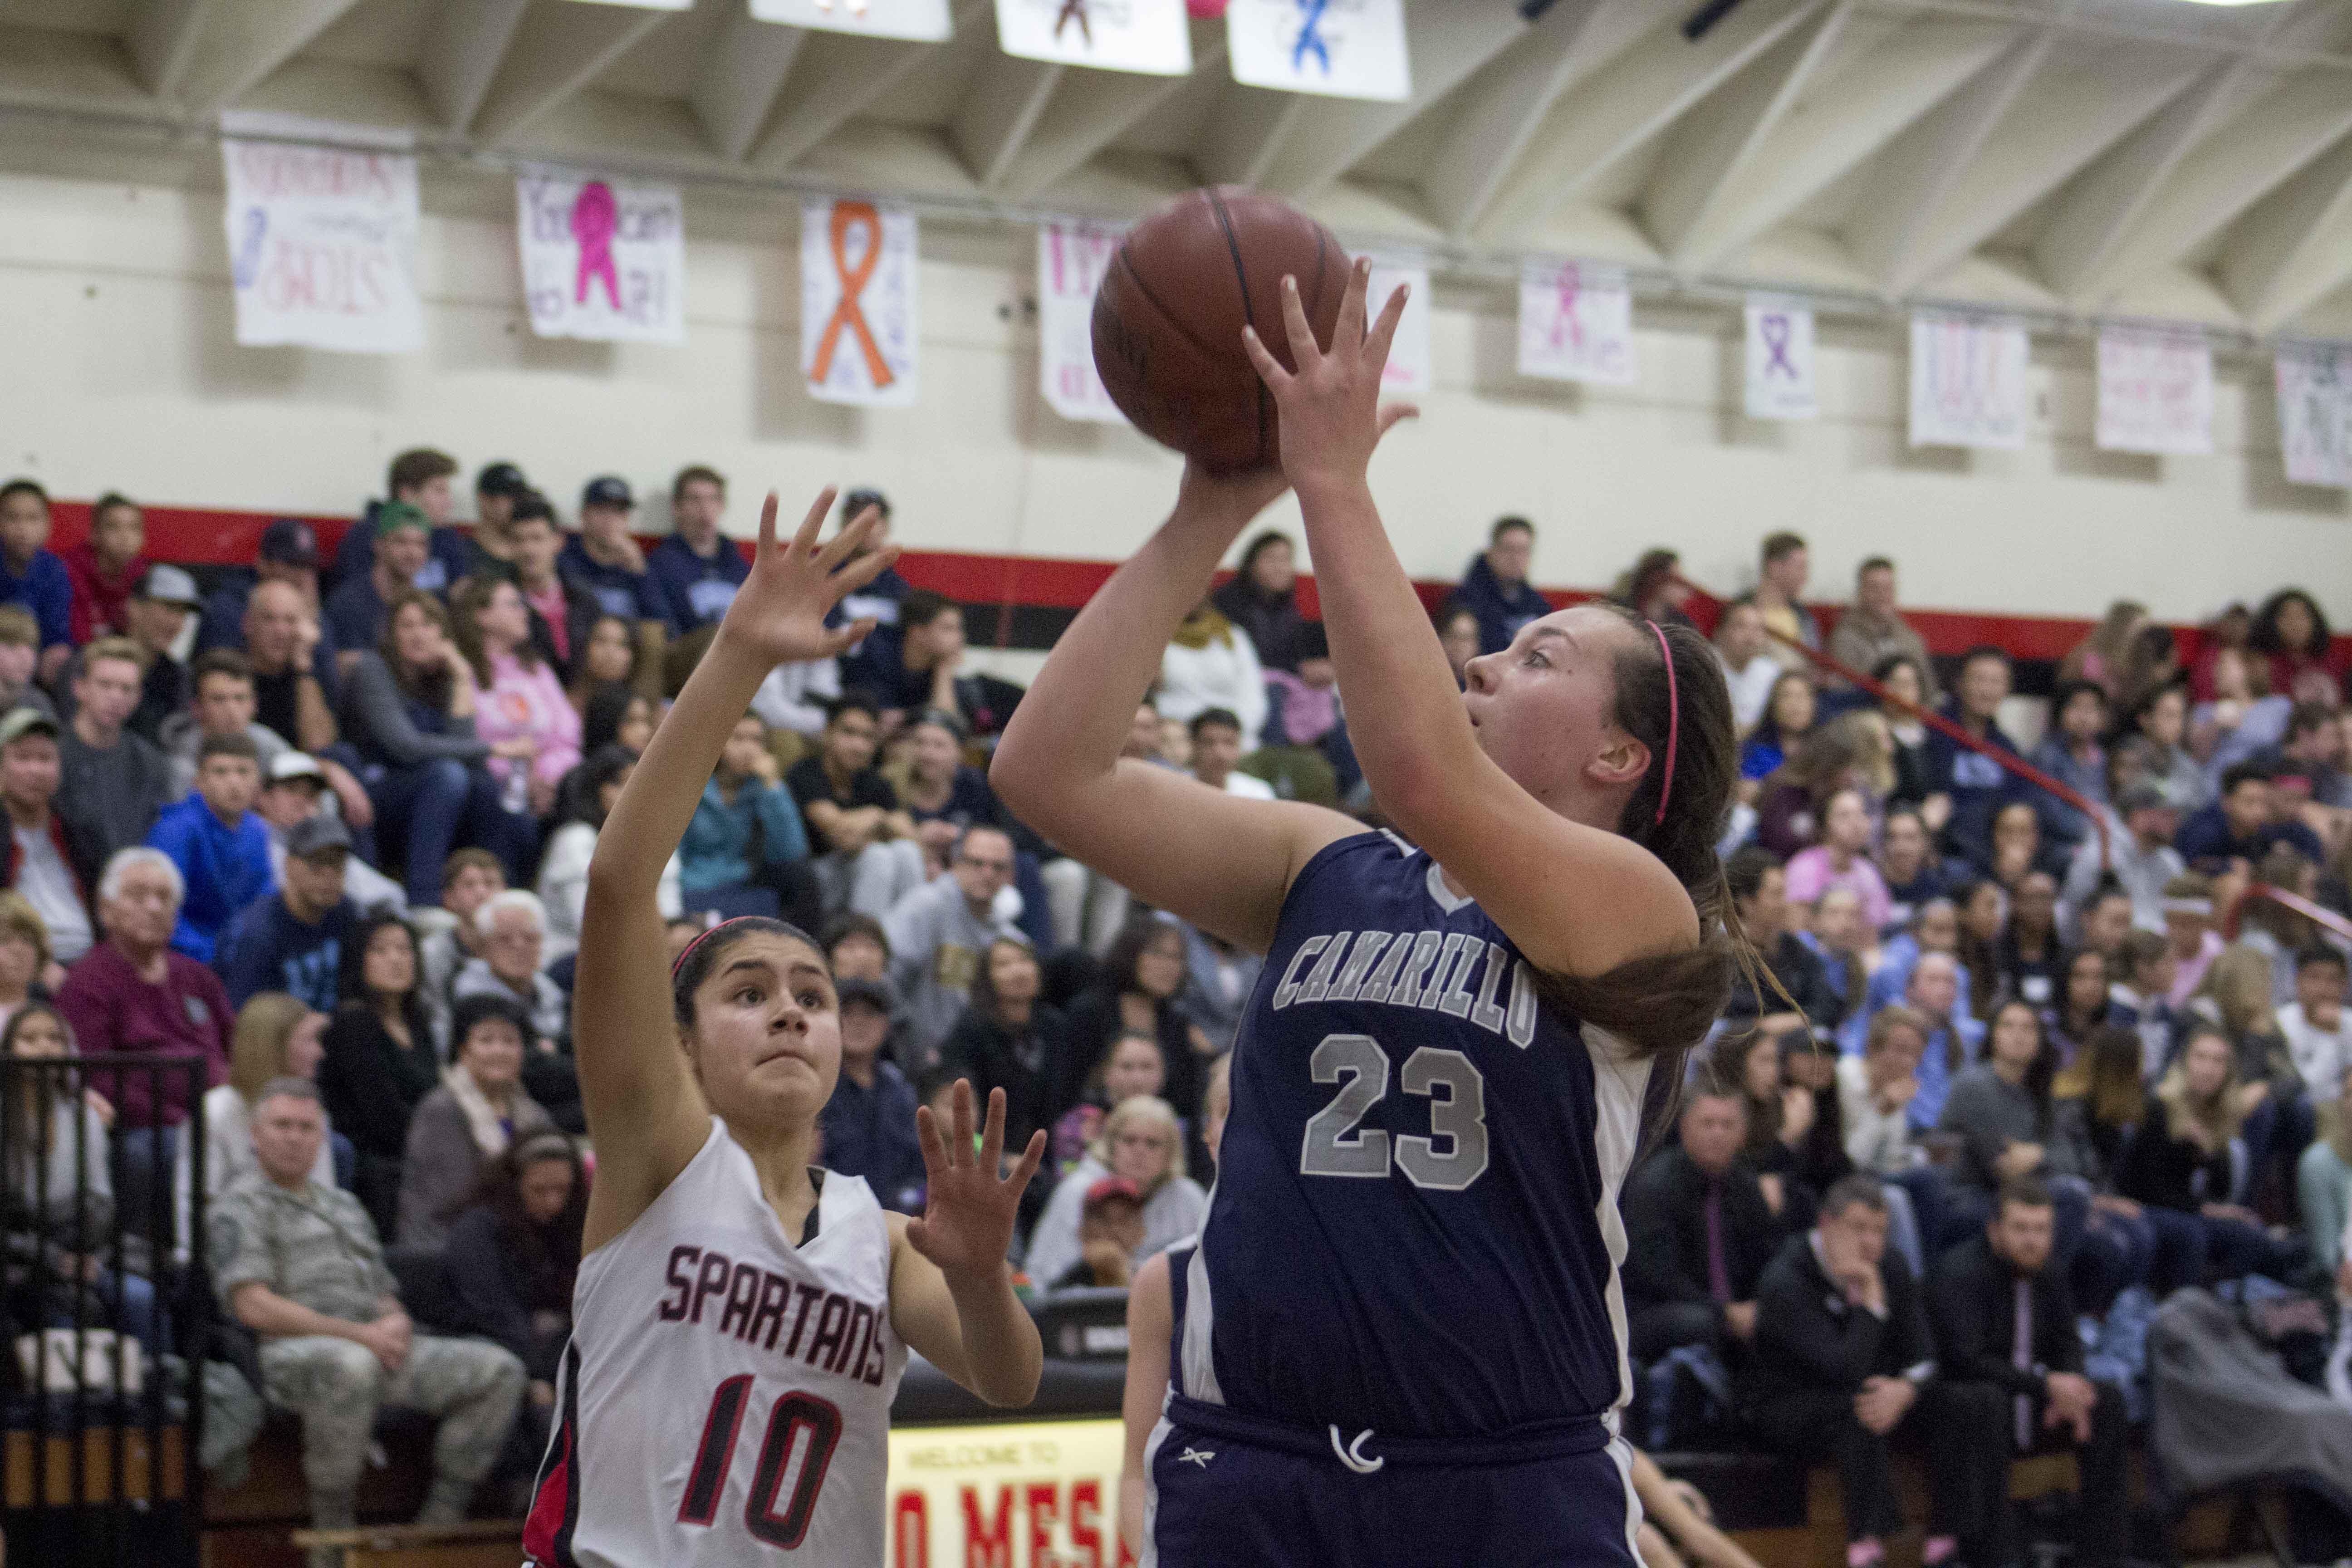 Senior Cameran Bahnsen shoots the basketball over a defender.